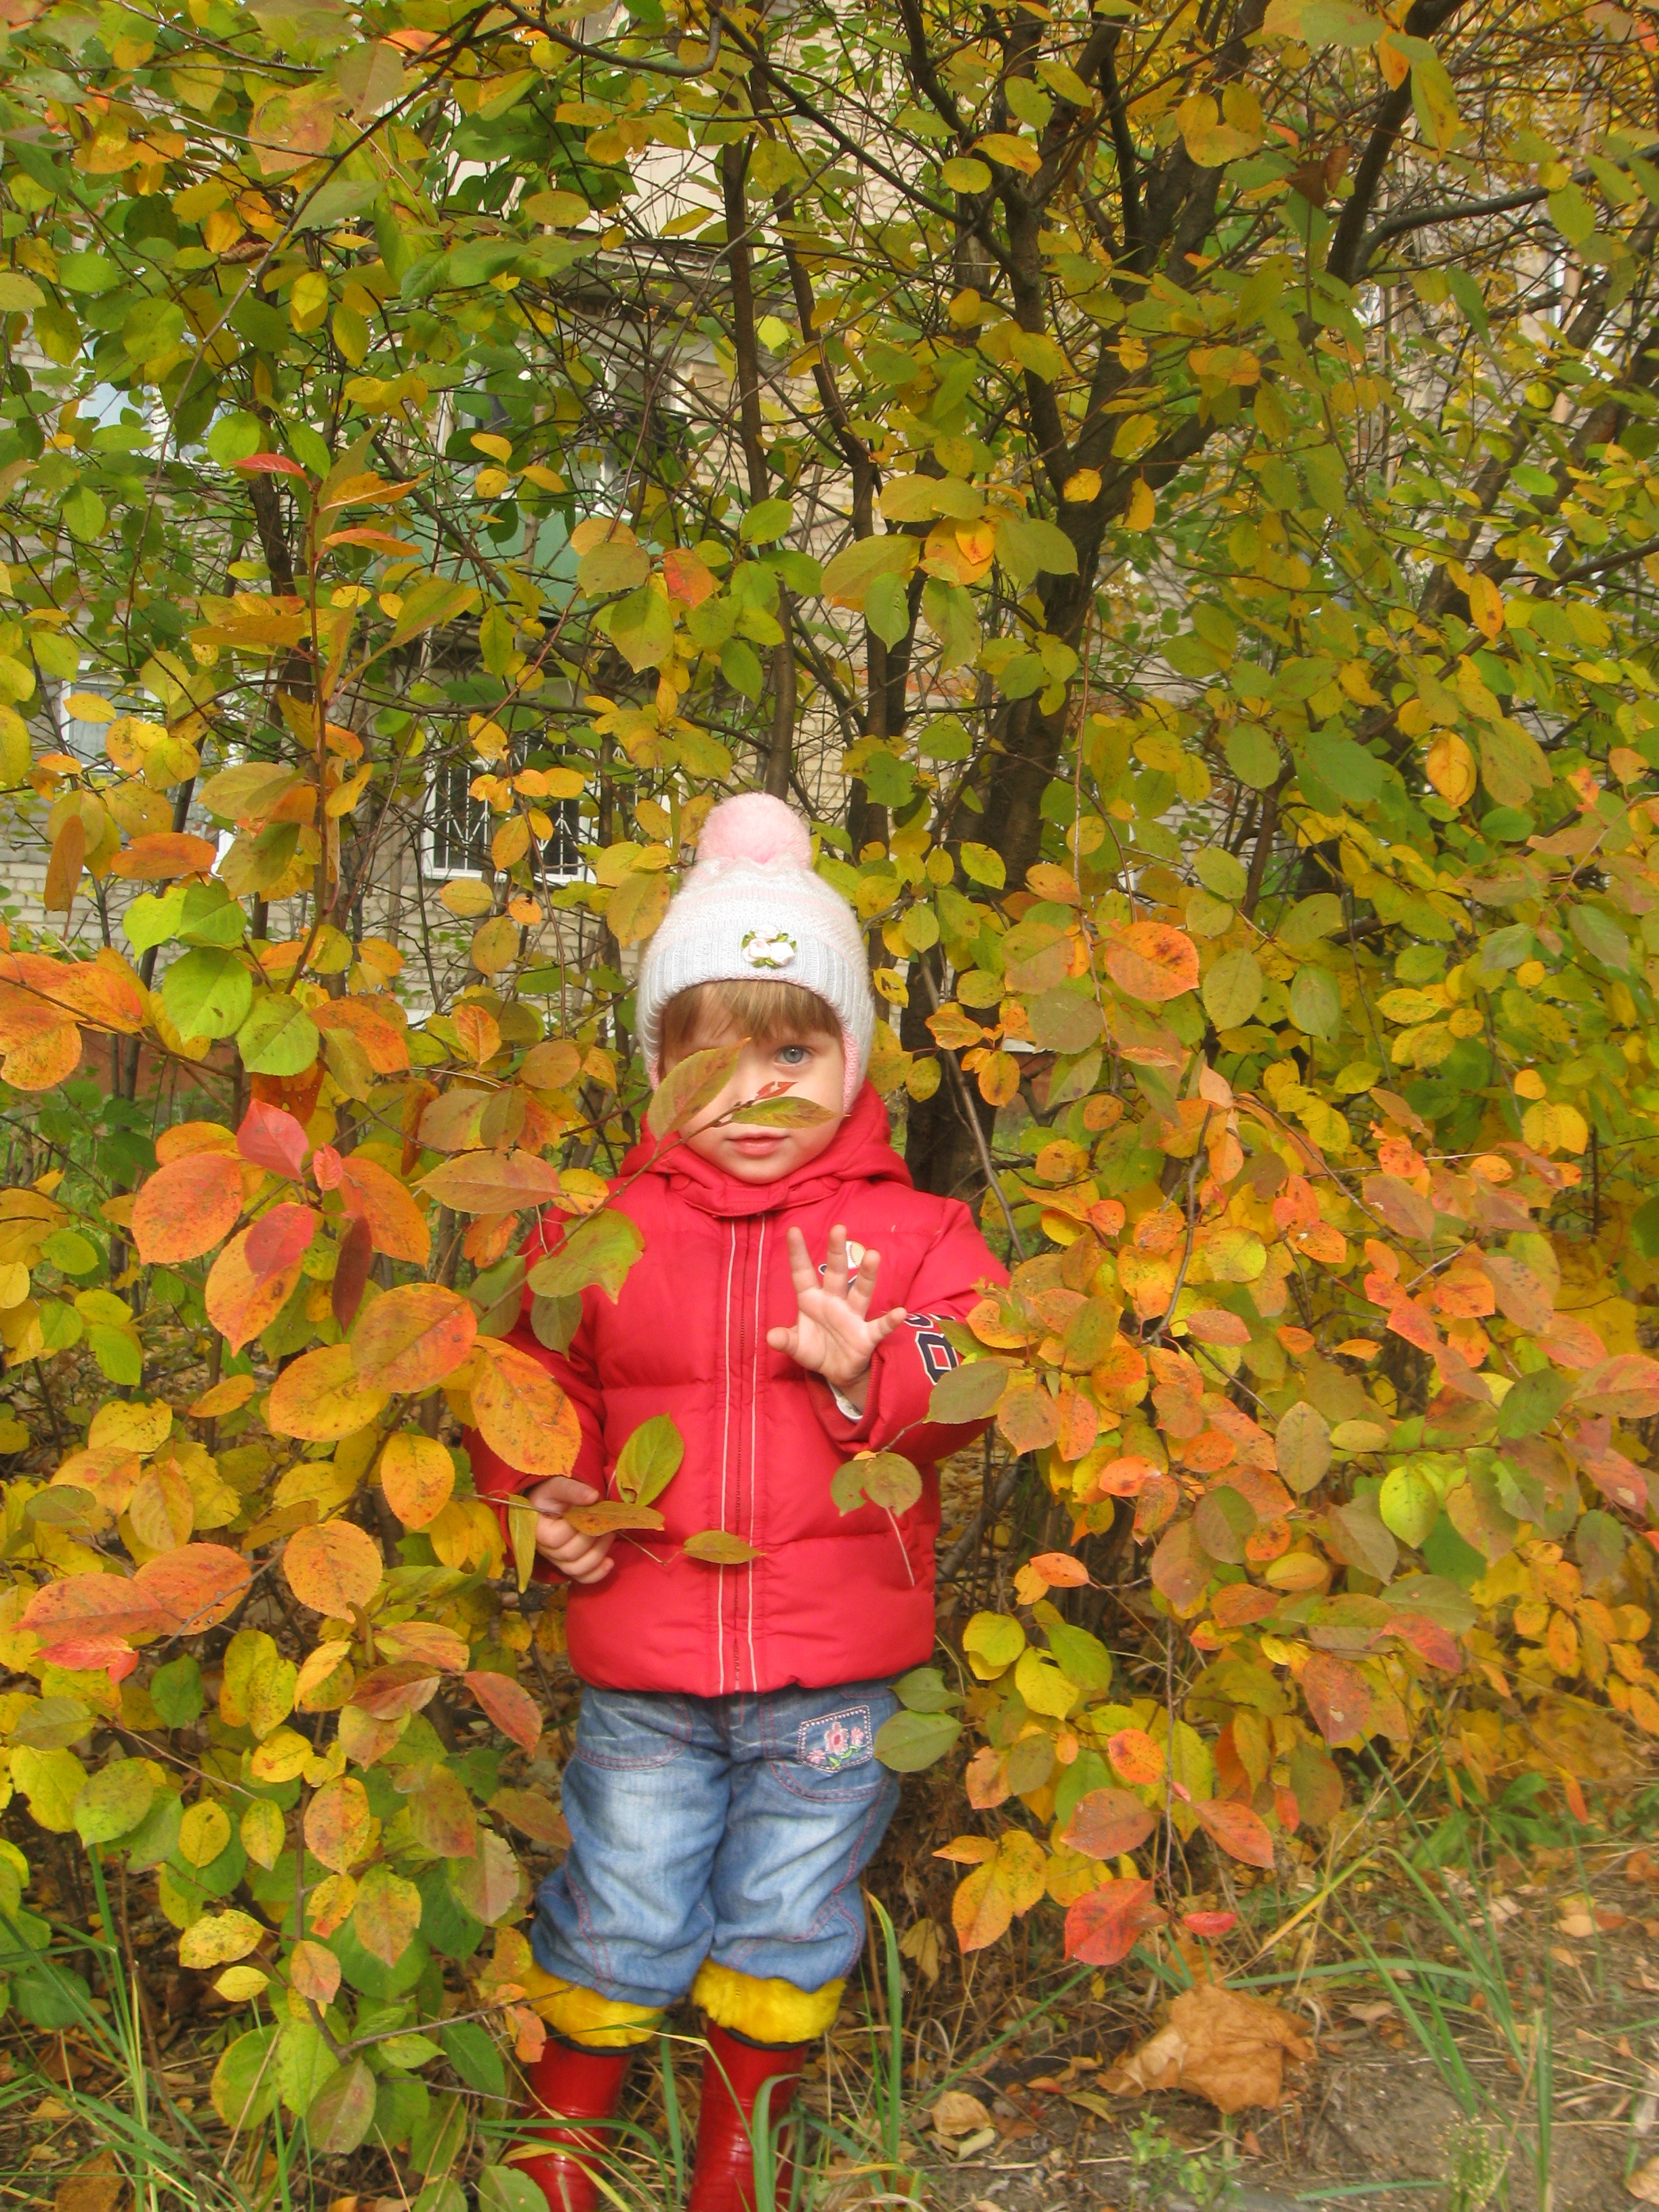 Hide and seek in the leaves